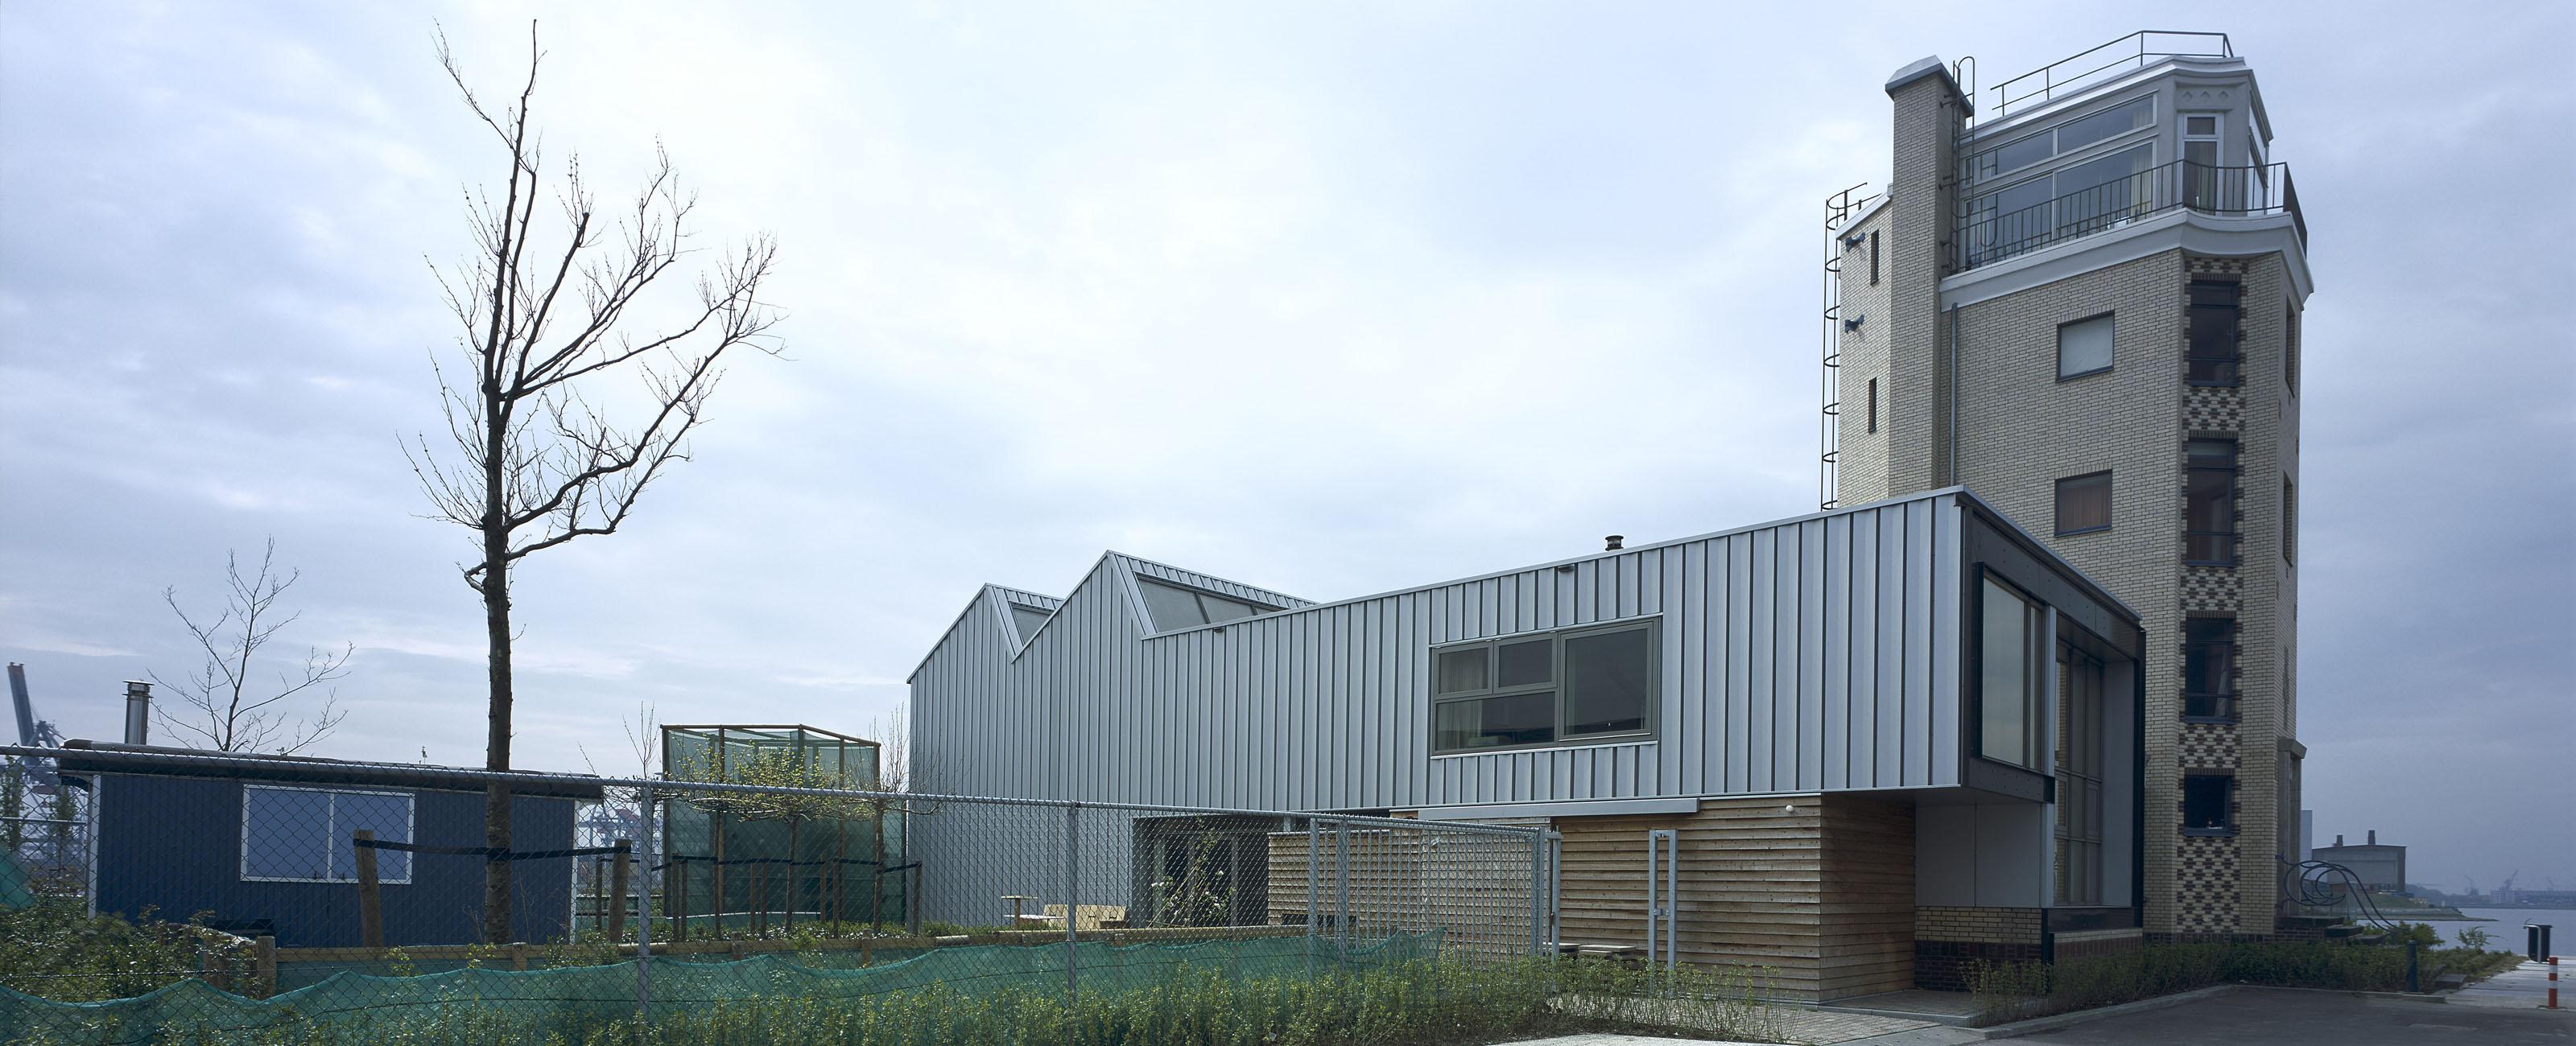 Woonhuis en atelier egm architecten for Woonhuis rotterdam